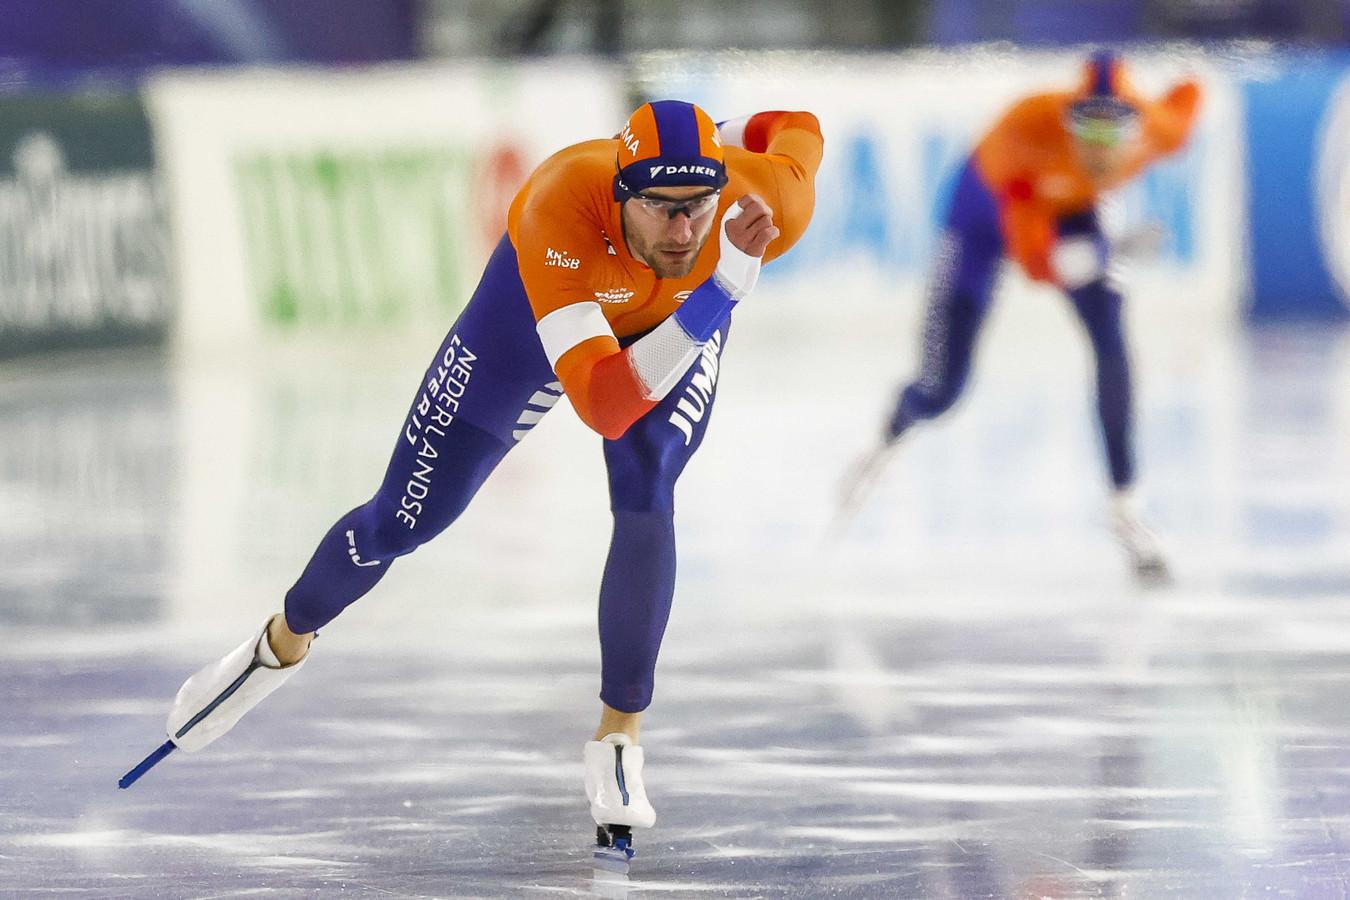 Thomas Krol in actie op de 1500 meter mannen tegen Patrick Roest tijdens de wereldbeker schaatsen in Thialf.